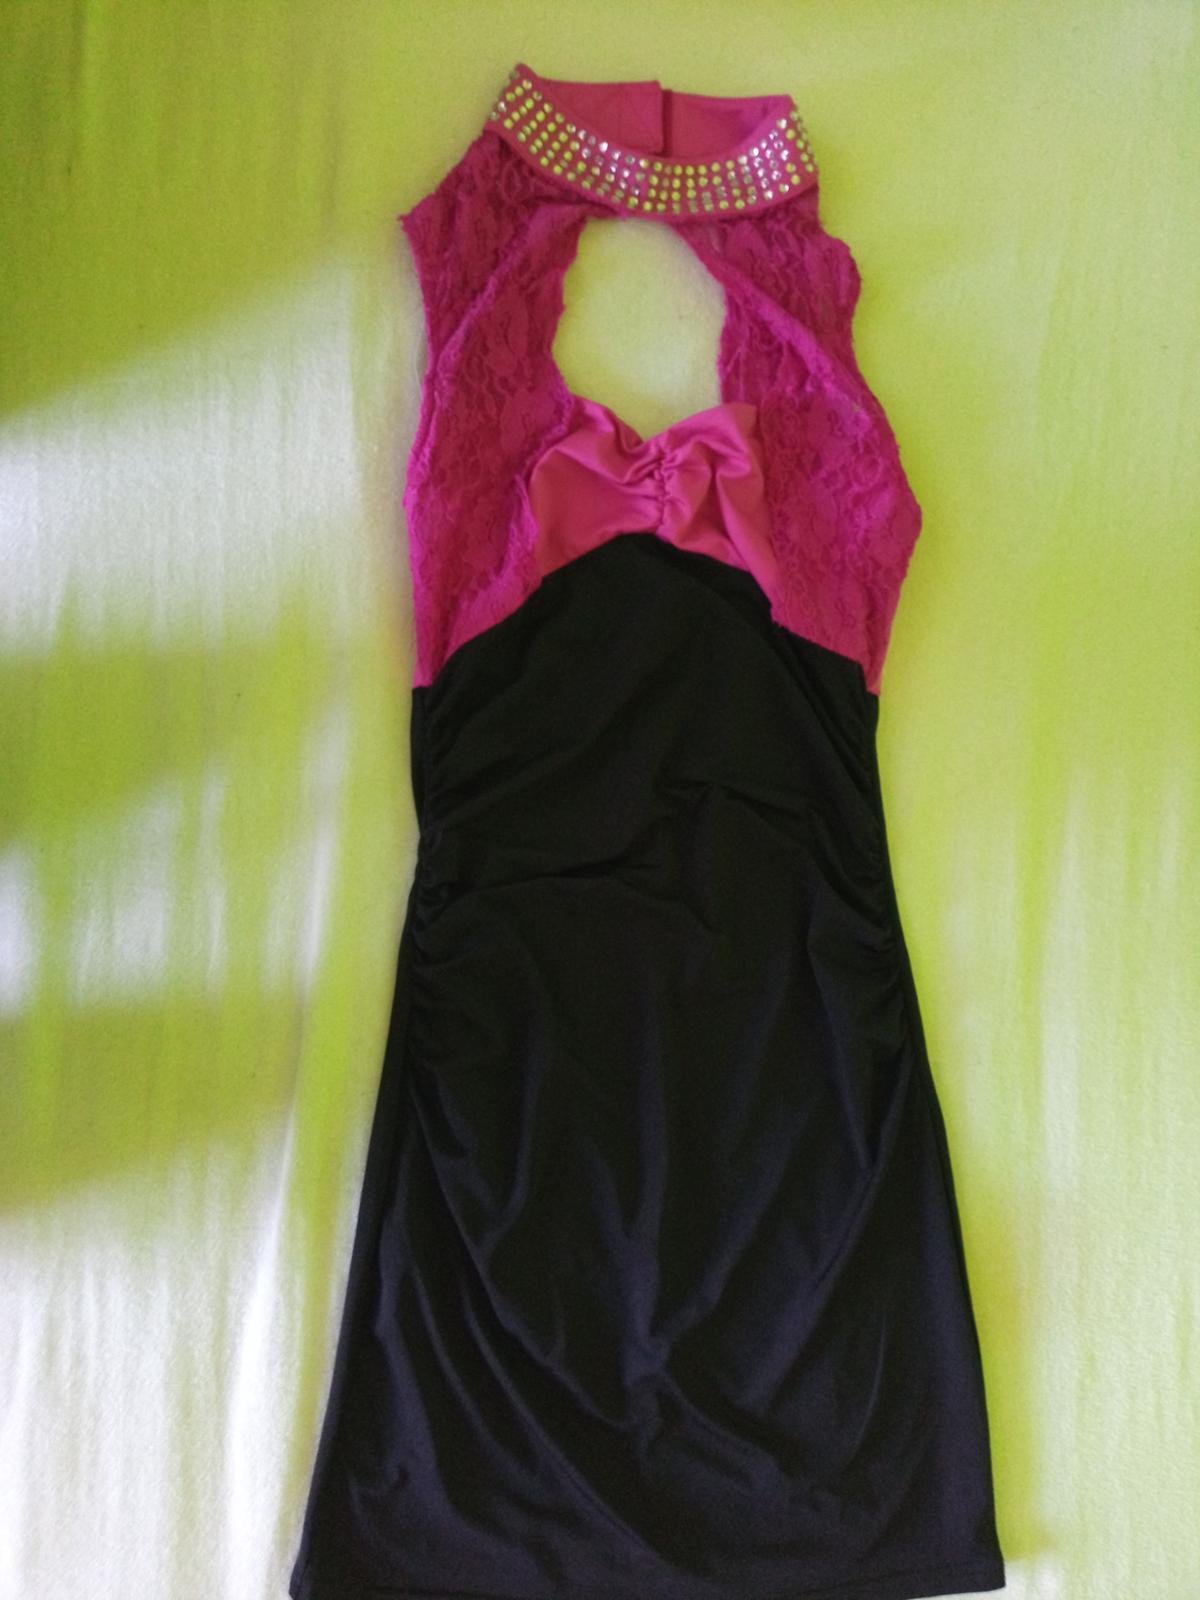 Čierno-ružové šaty - Obrázok č. 1